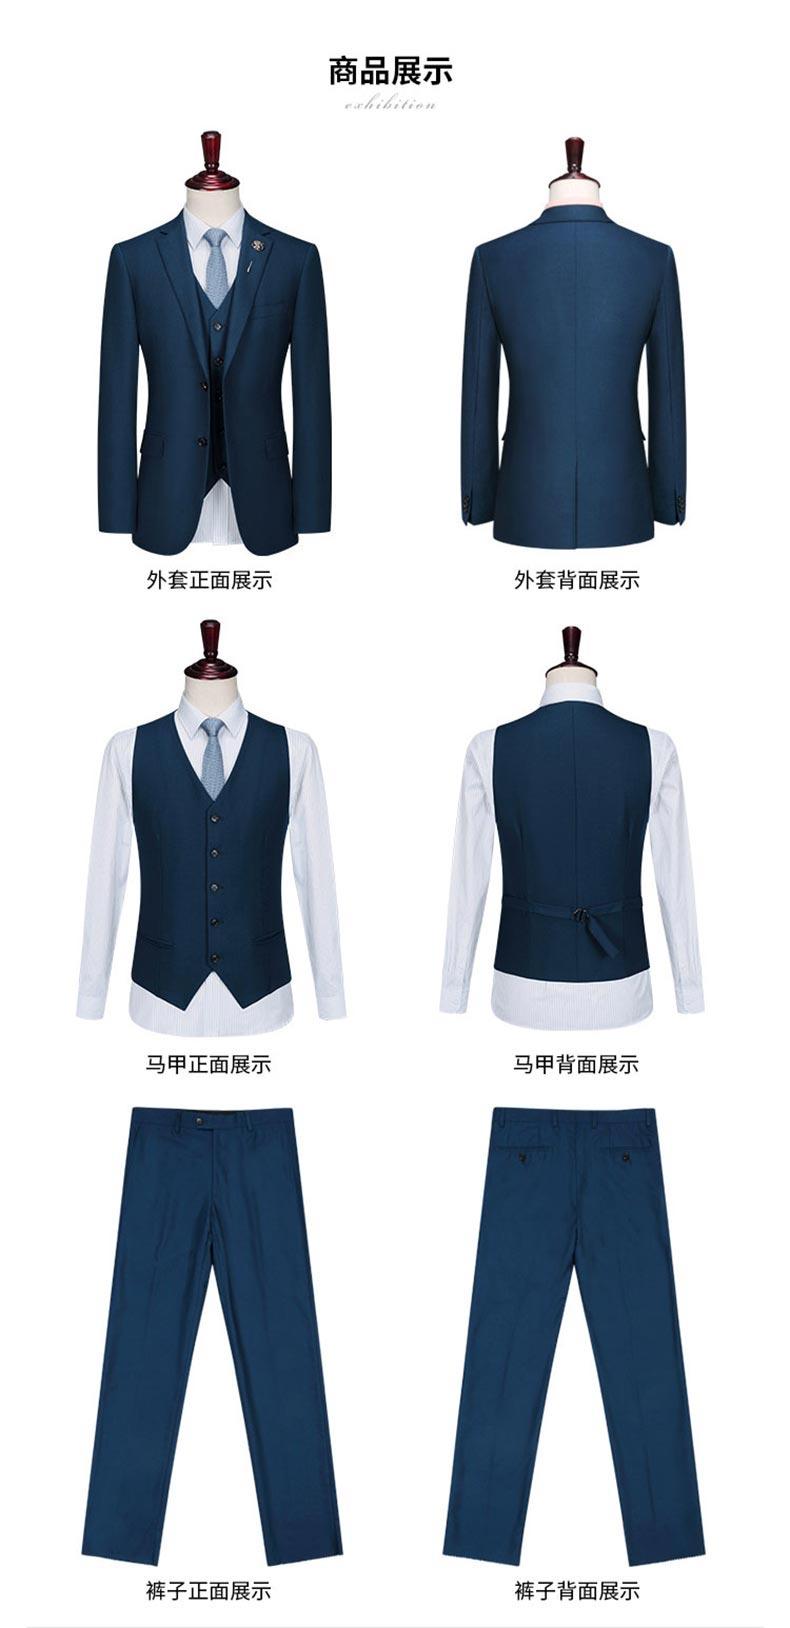 西服马甲西裤正反面款式图